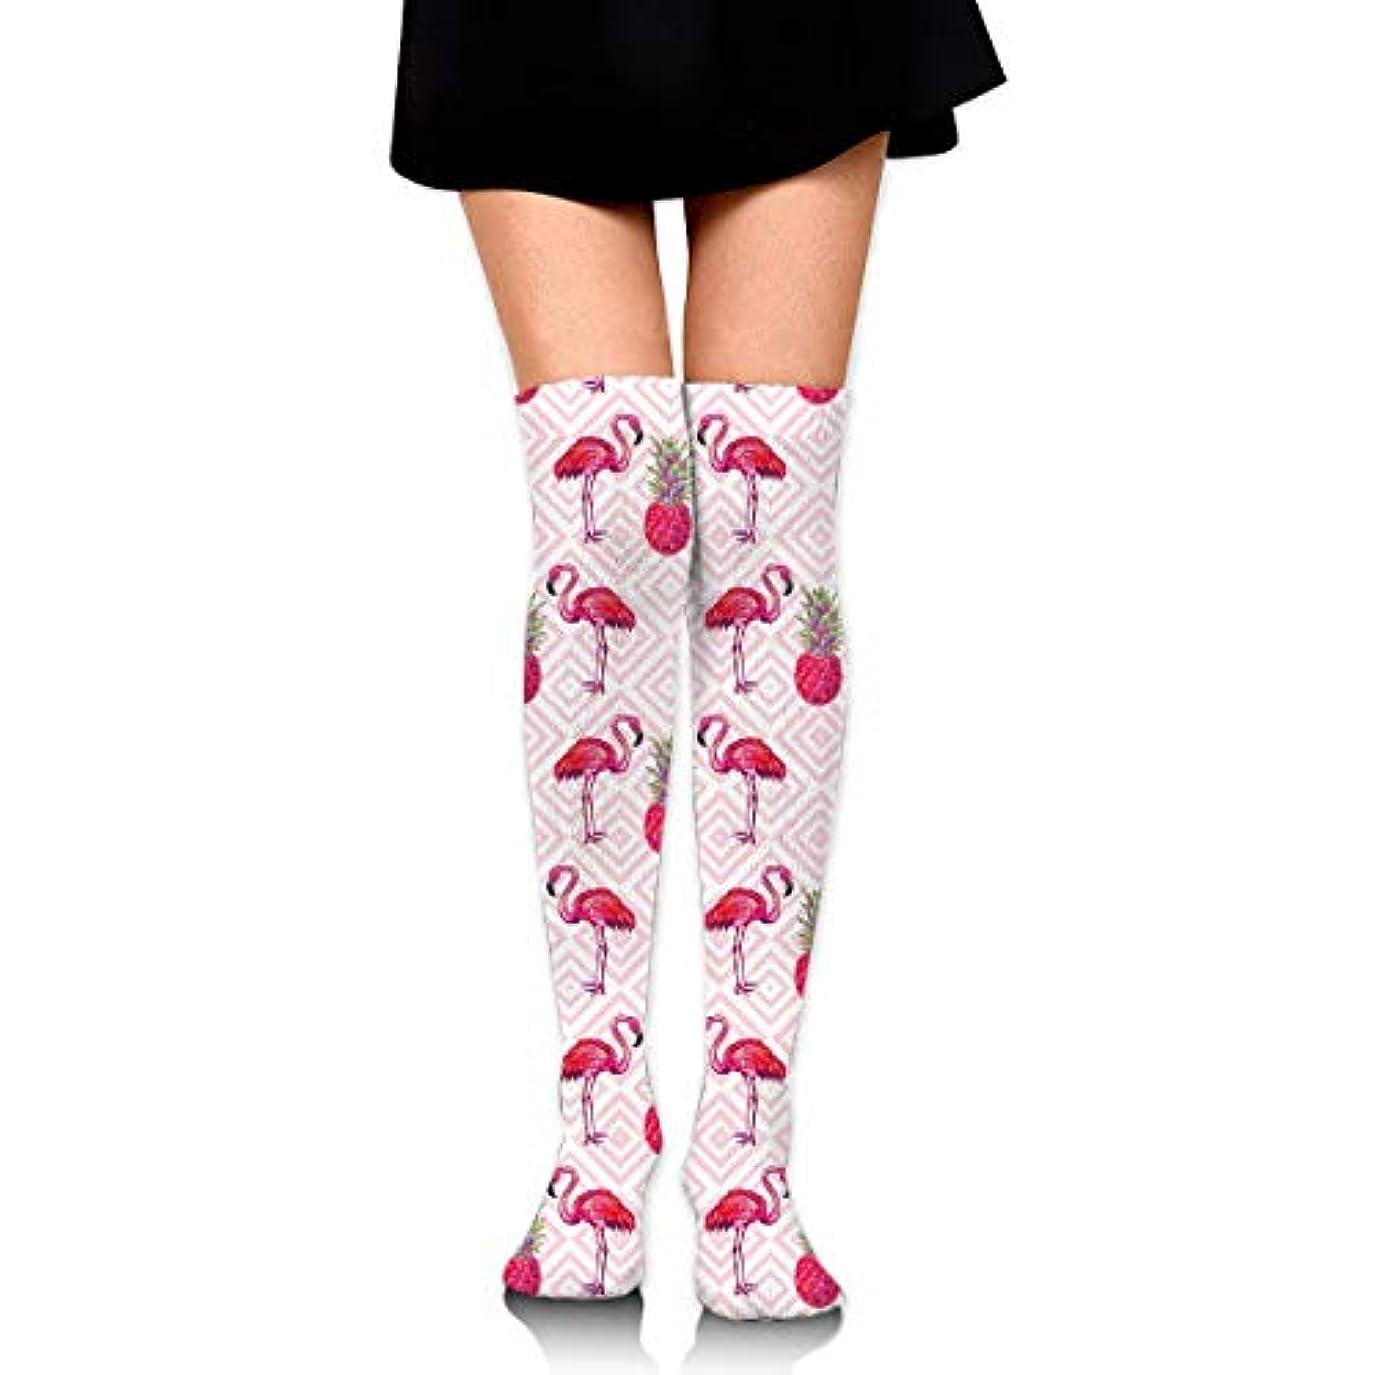 スクラッチコミュニケーションワーカーMKLOS 通気性 圧縮ソックス Breathable Classic Warmer Tube Leg Stockings Pink Flamingo Pineapple Exotic Psychedelic Print...